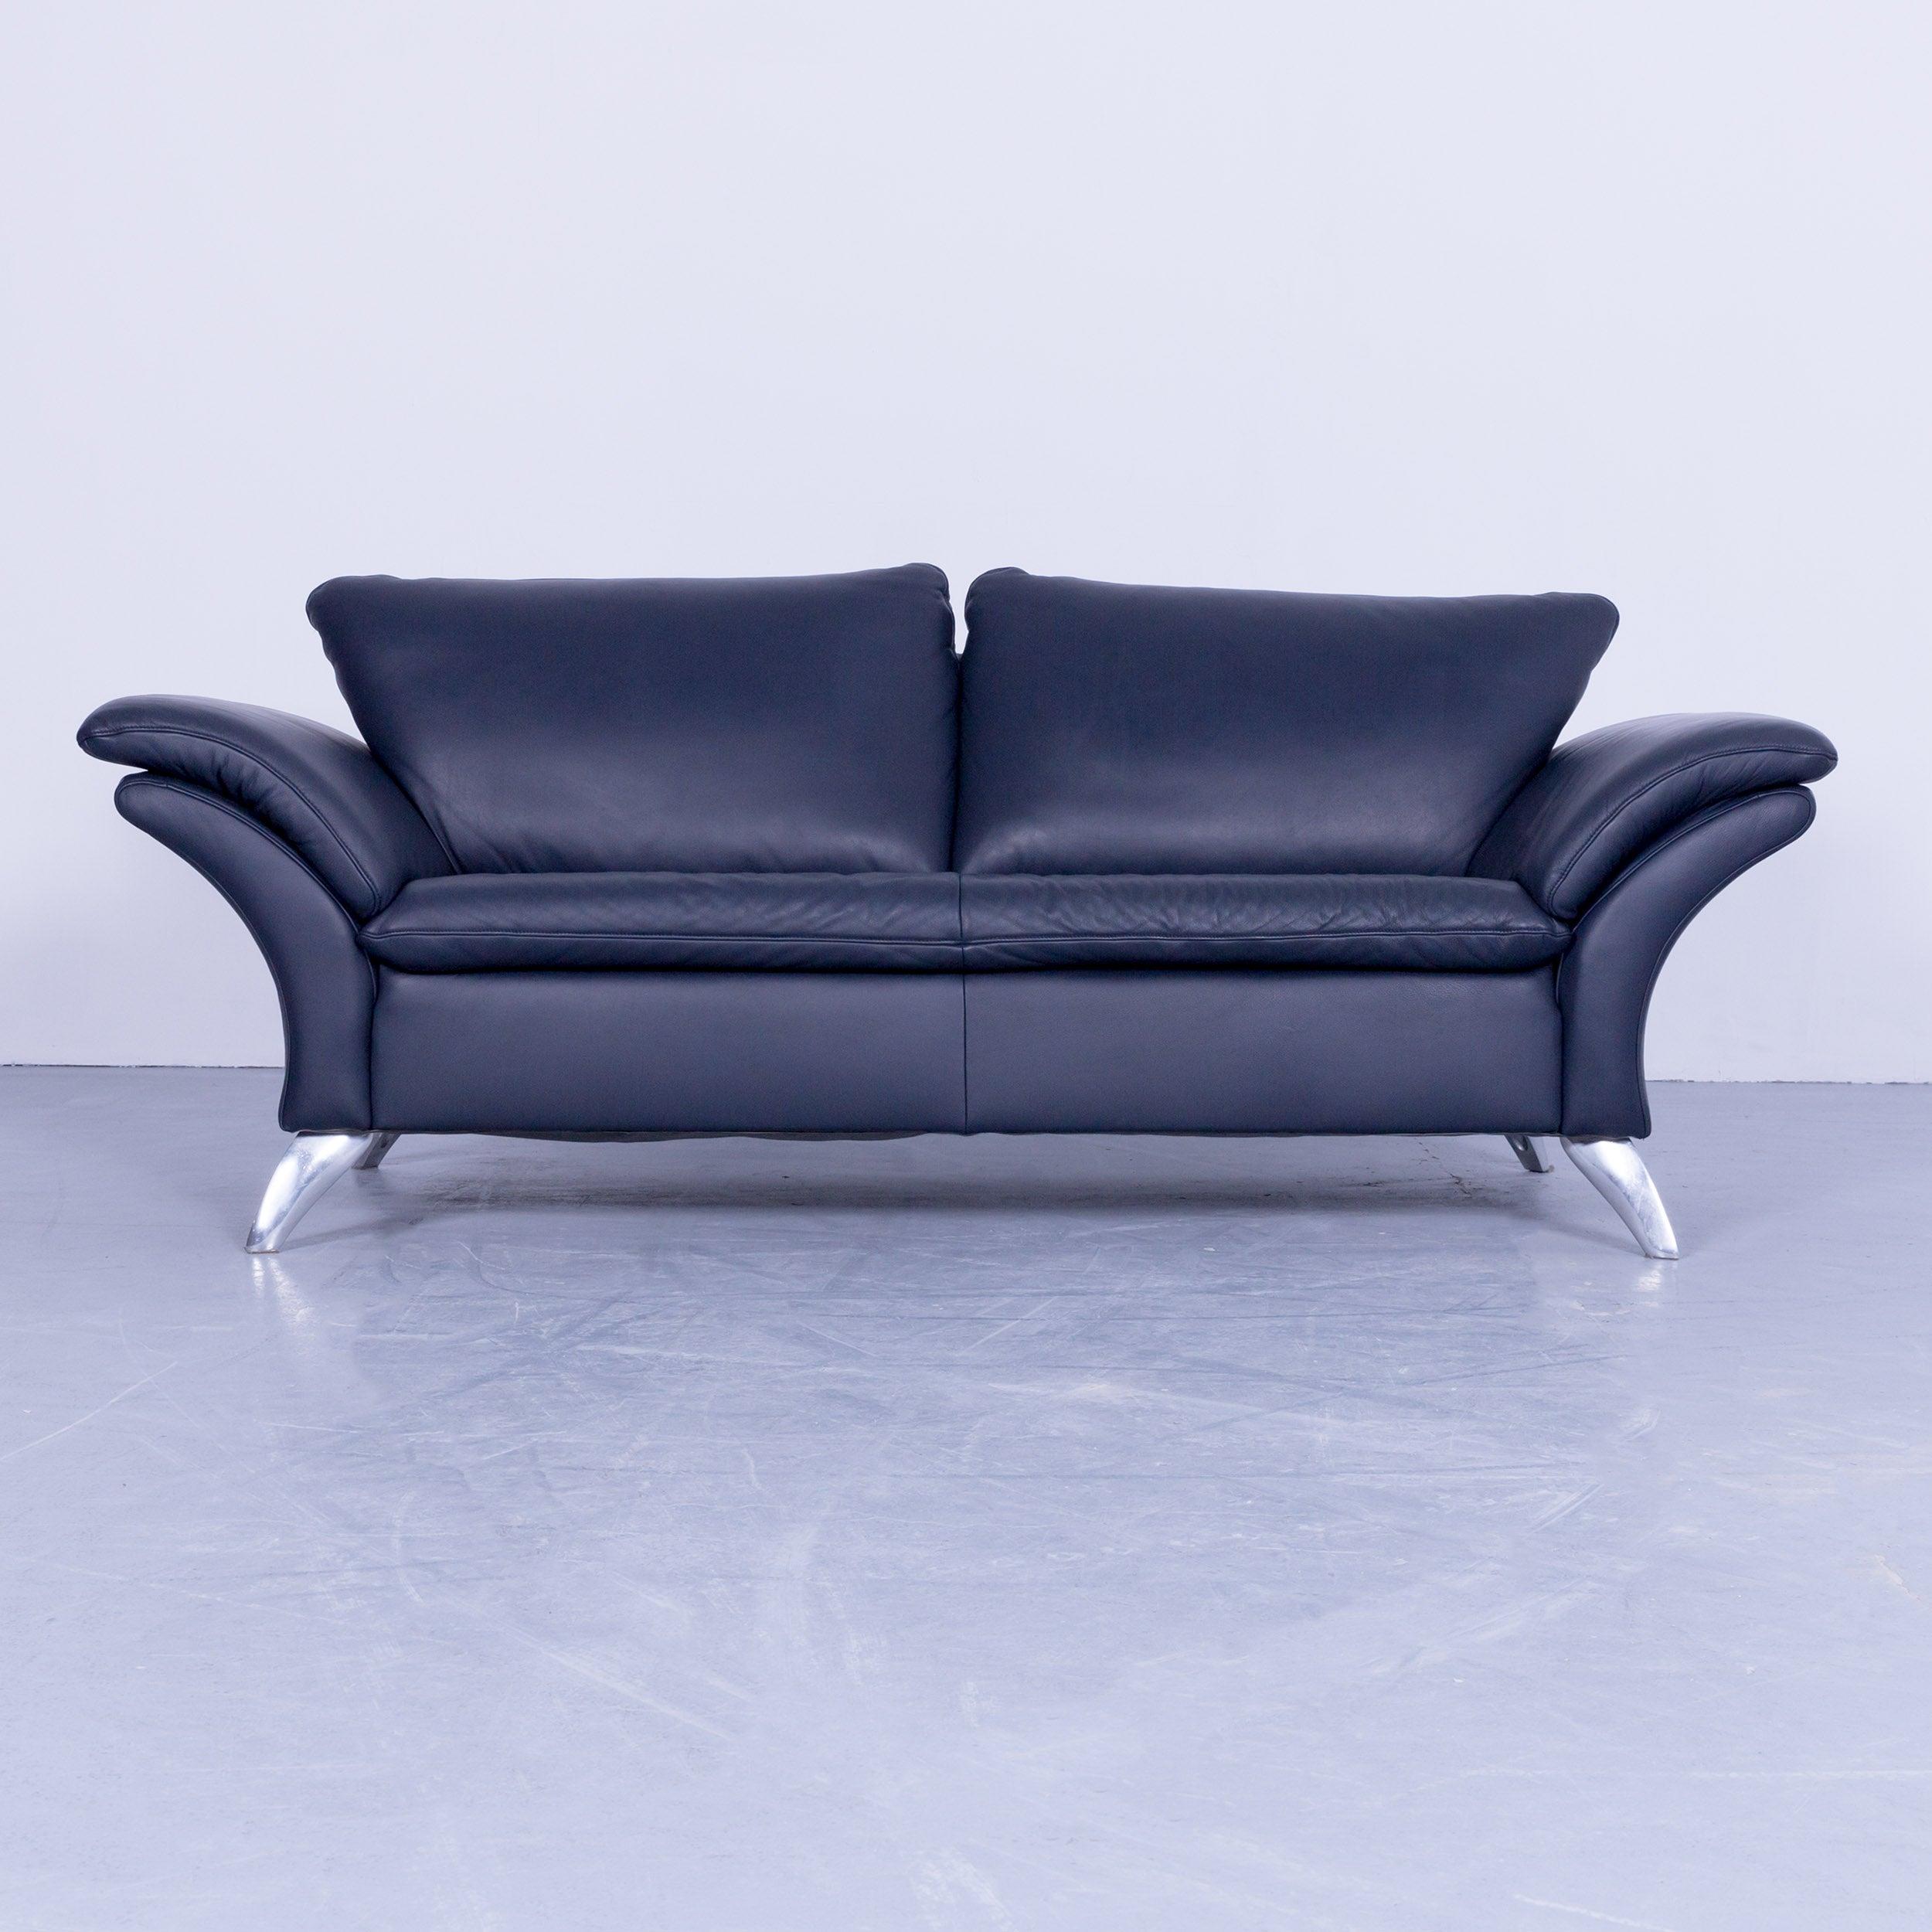 Faszinierend Sessel Couch Galerie Von